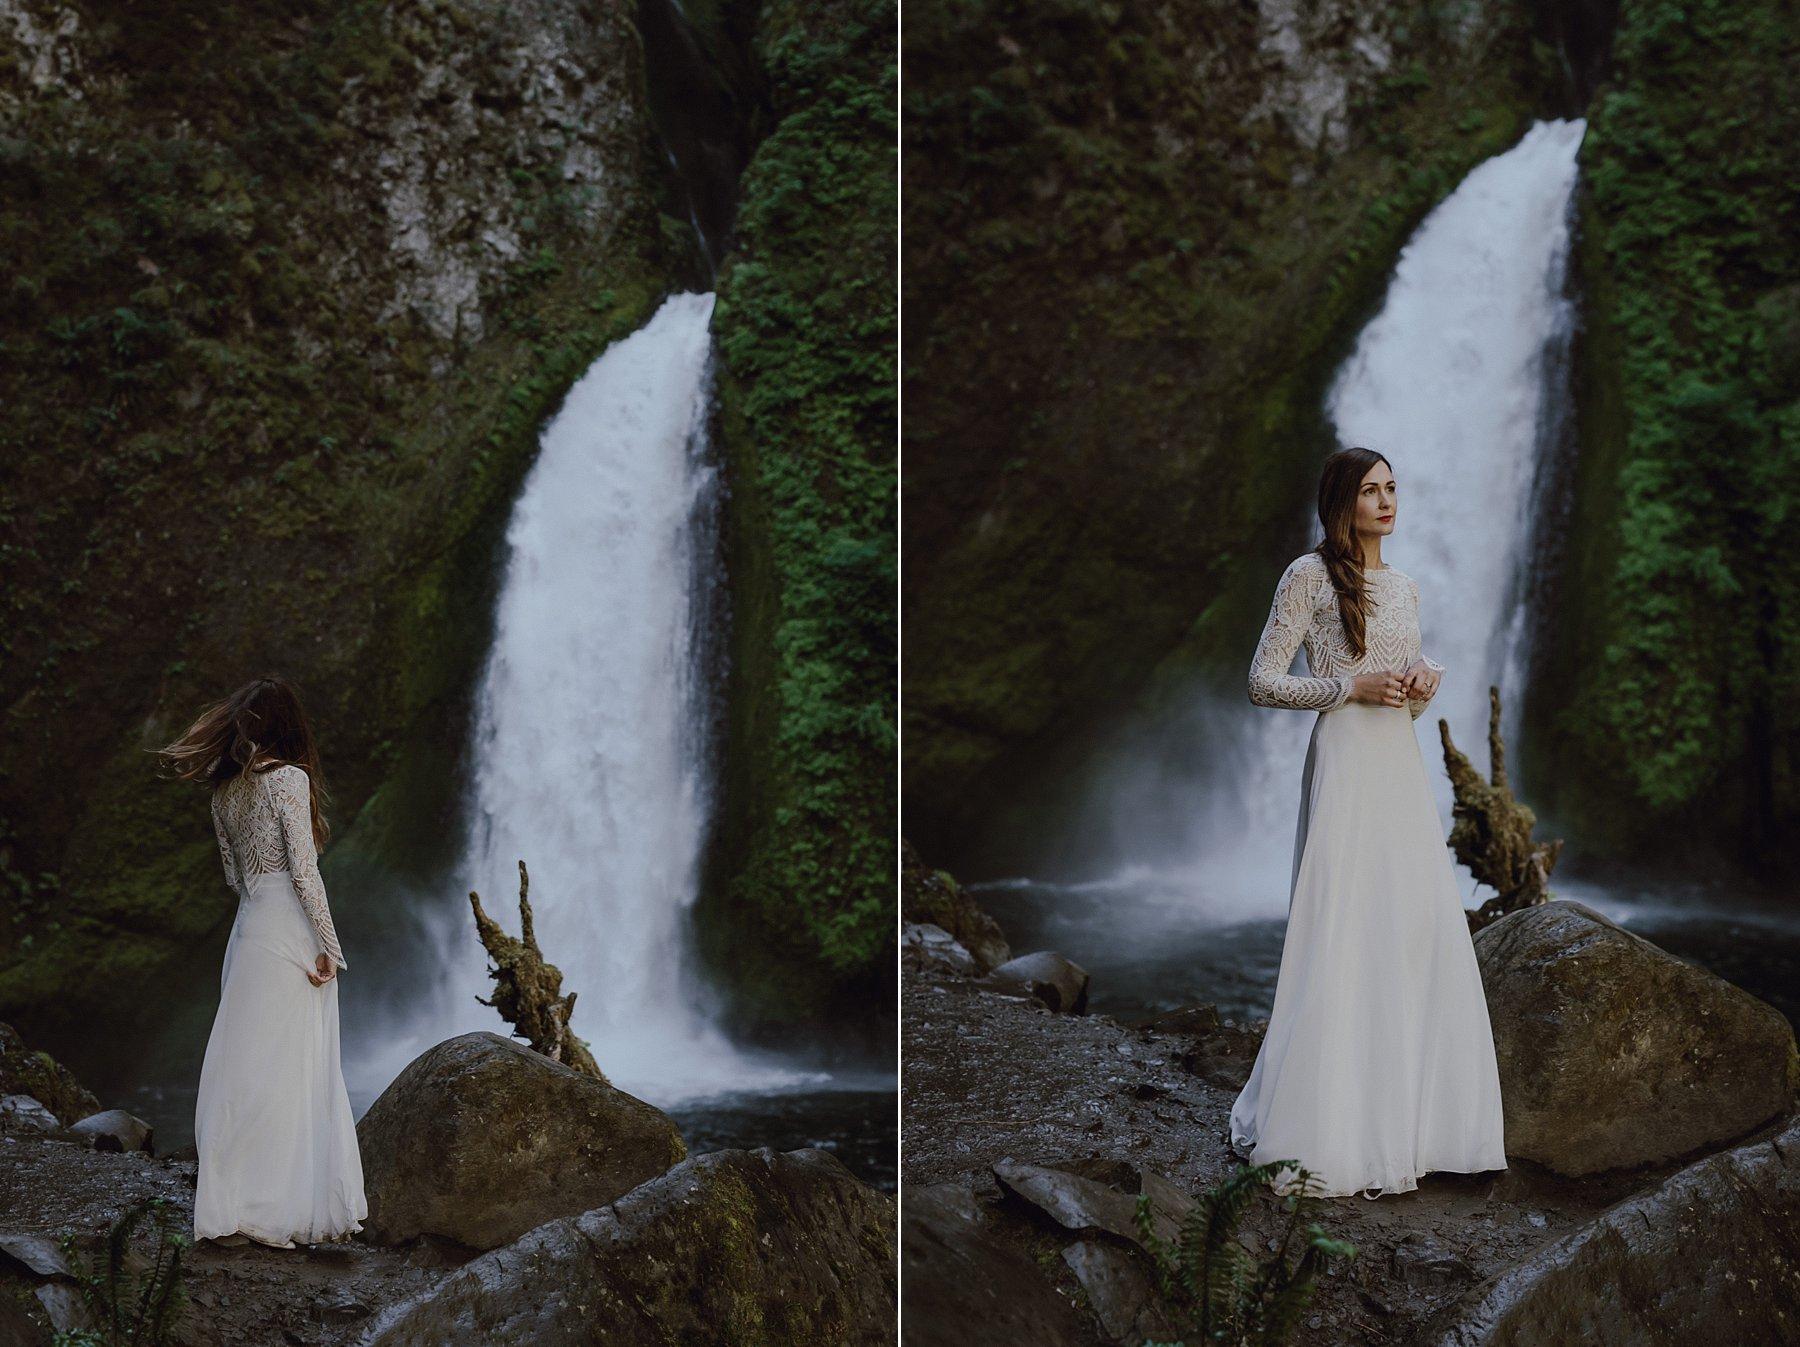 wahclella-falls-elopement-wedding_0046.jpg